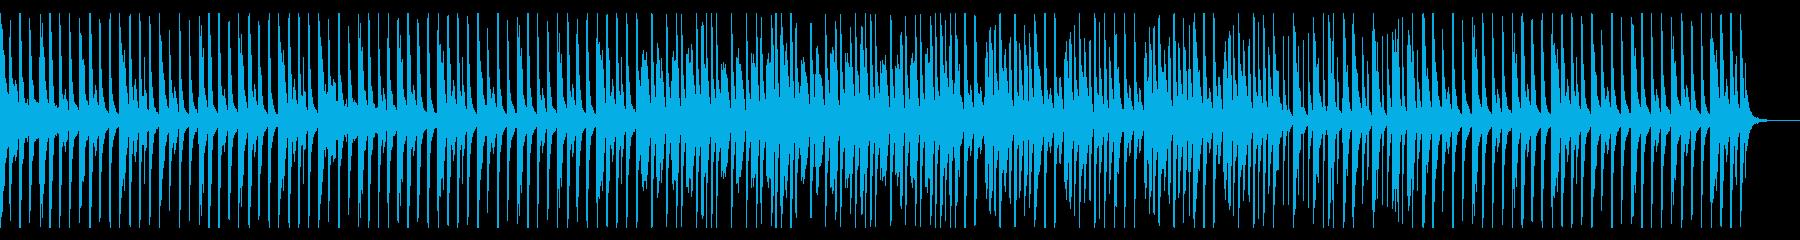 原始時代的なイメージのBGMの再生済みの波形